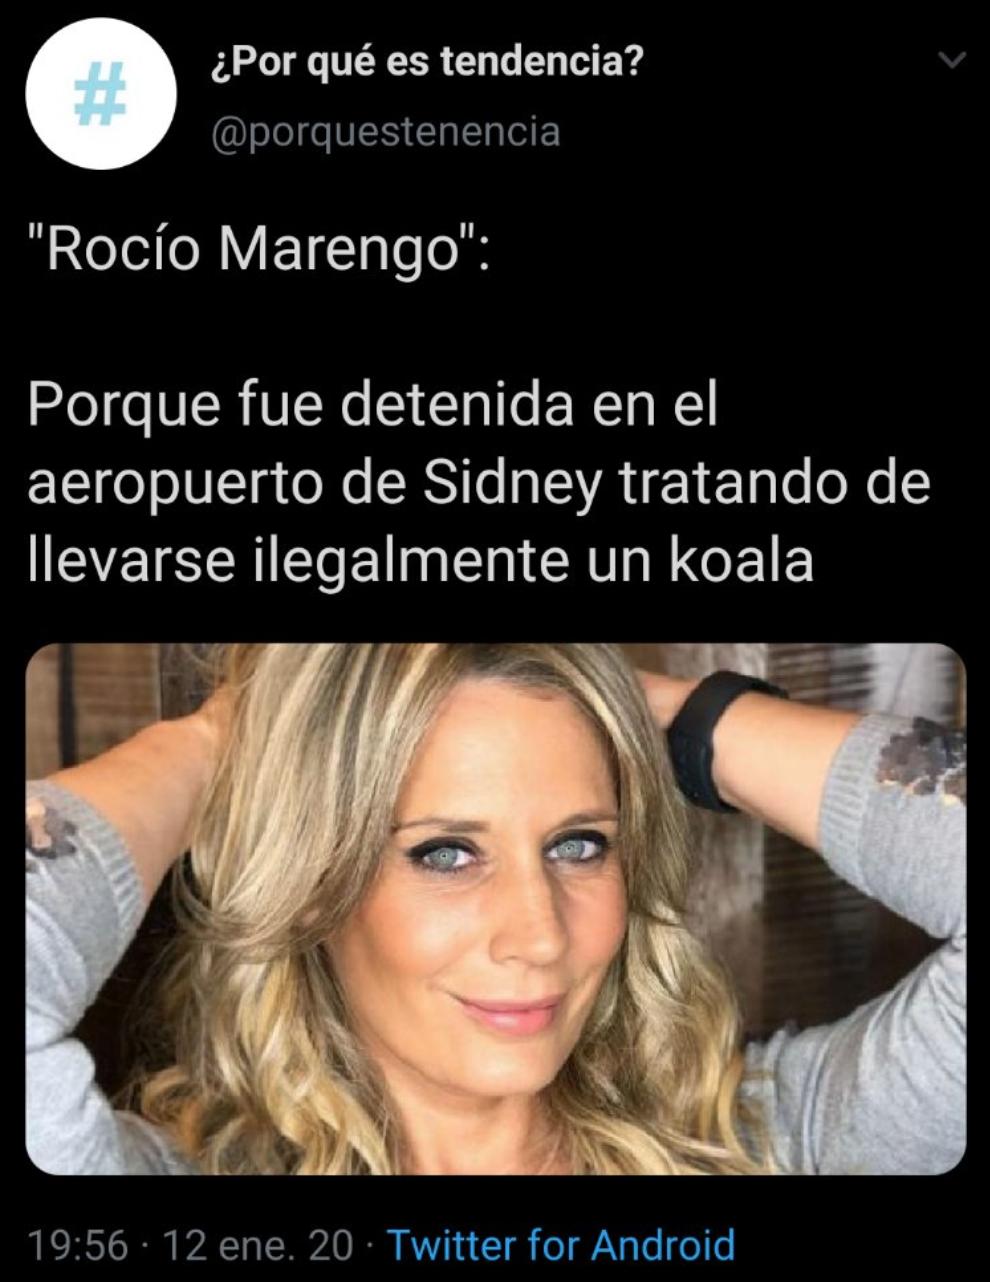 Rocío Marengo acusada de robar un koala de Australia: ¿qué pasó?